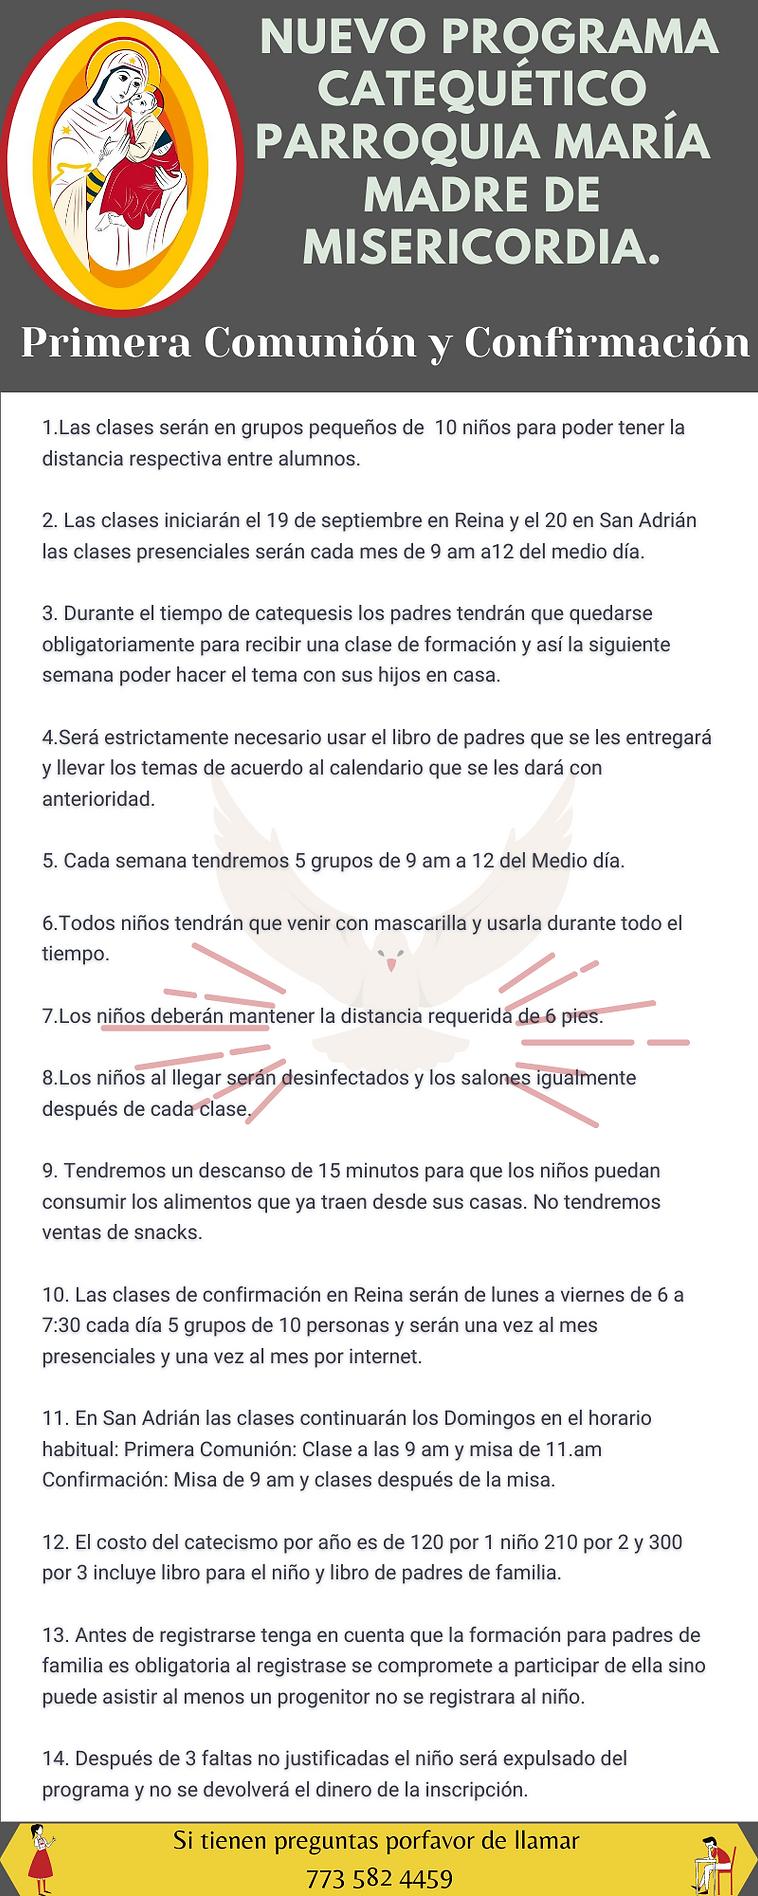 Nuevo_Programa_Catequético_Parroquia_Ma